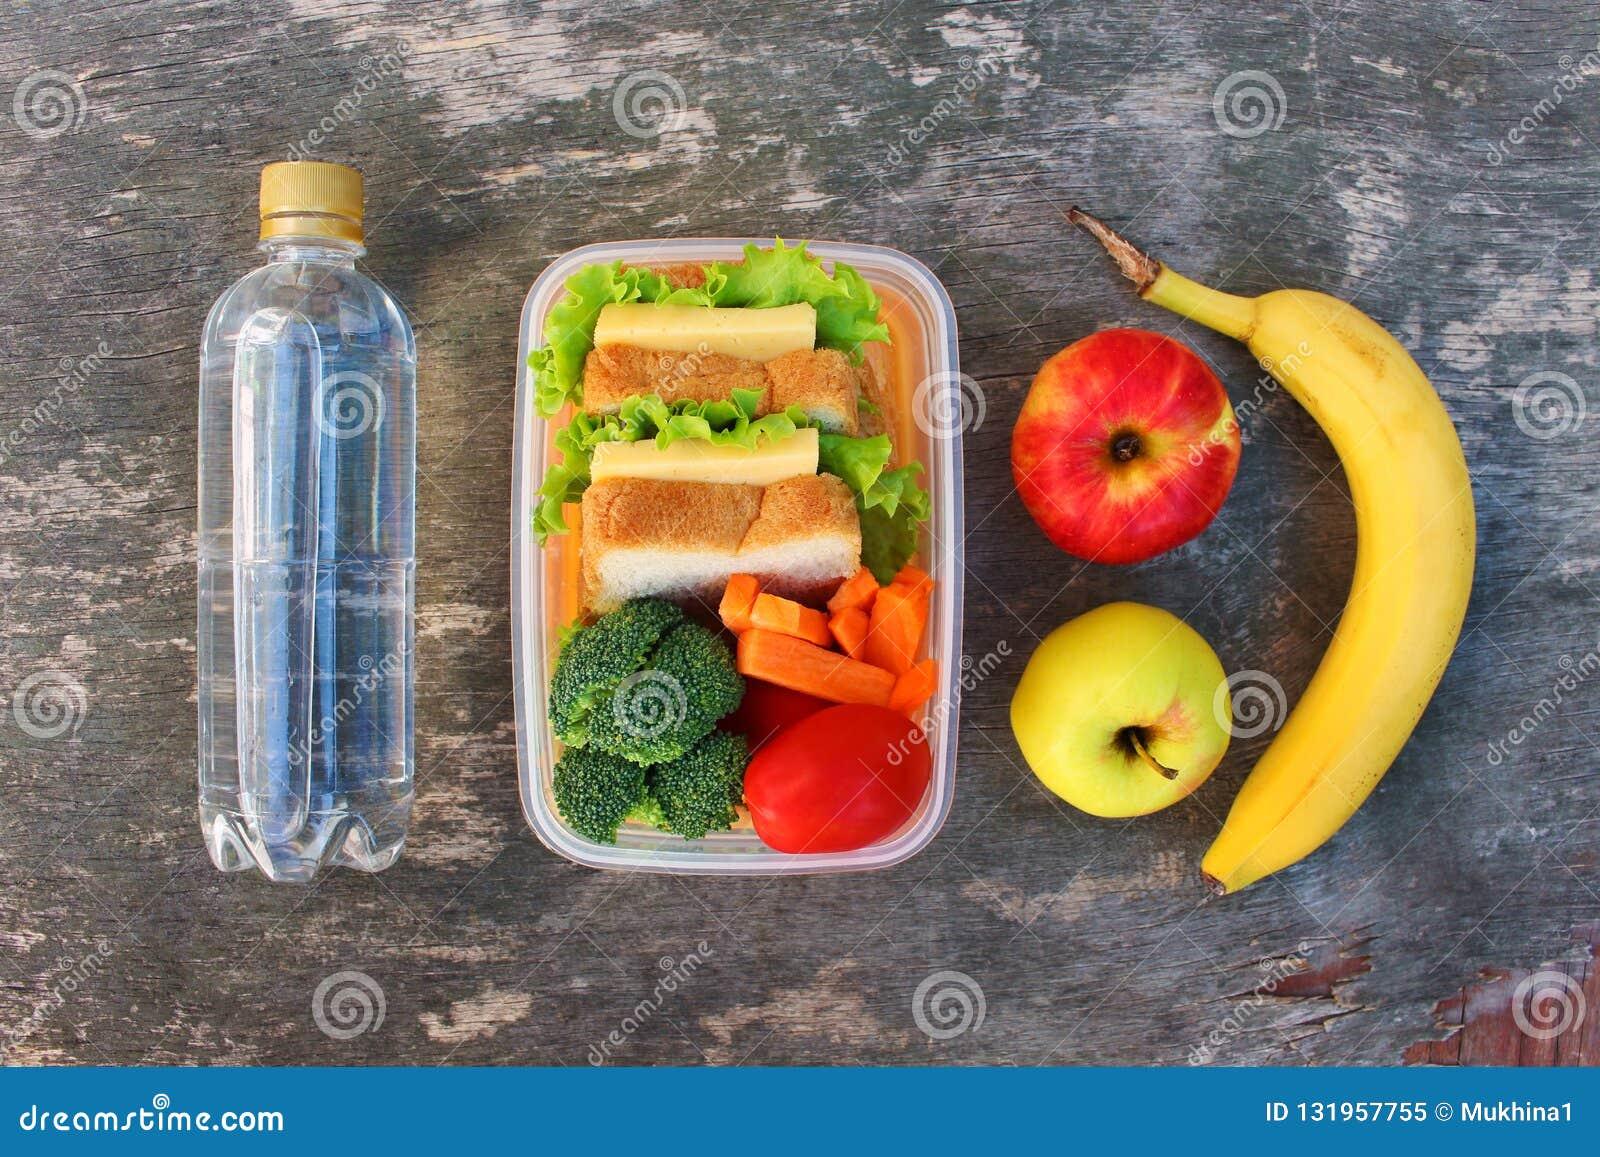 三明治、水果和蔬菜在食物箱子,水